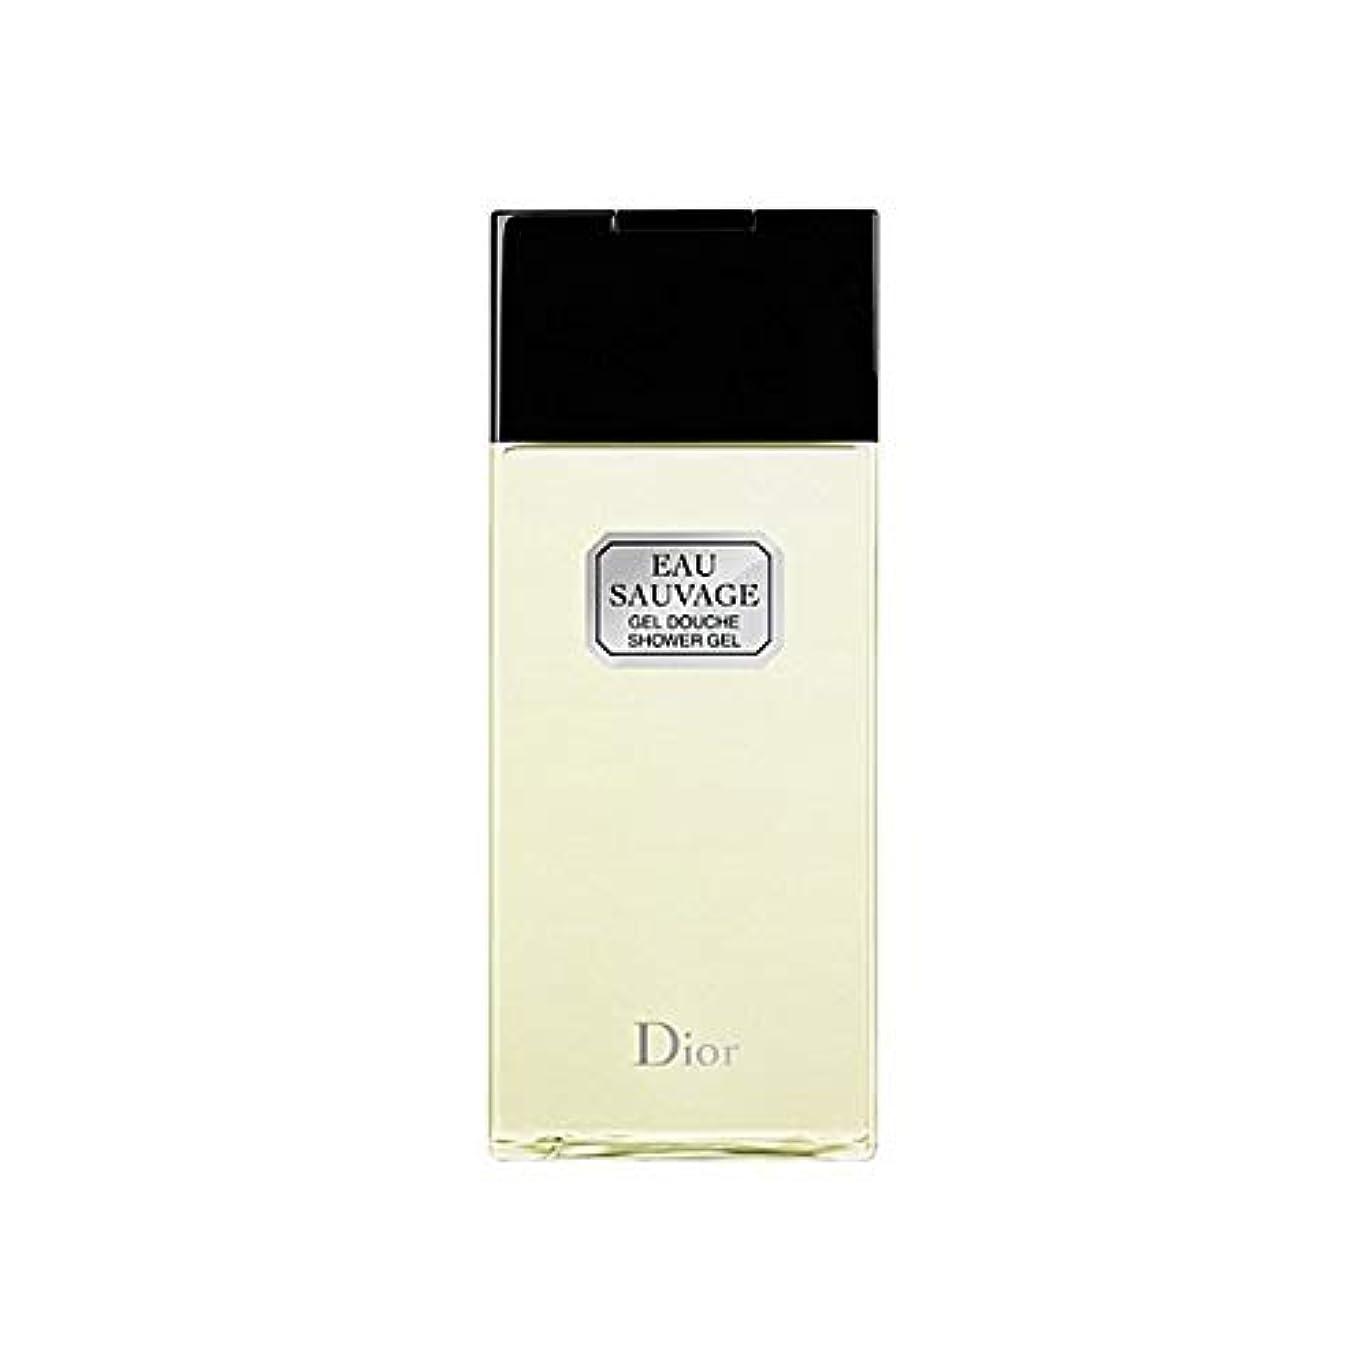 聖域ひらめき灰[Dior ] ディオールオーソバージュシャワージェル200Ml - Dior Eau Sauvage Shower Gel 200ml [並行輸入品]